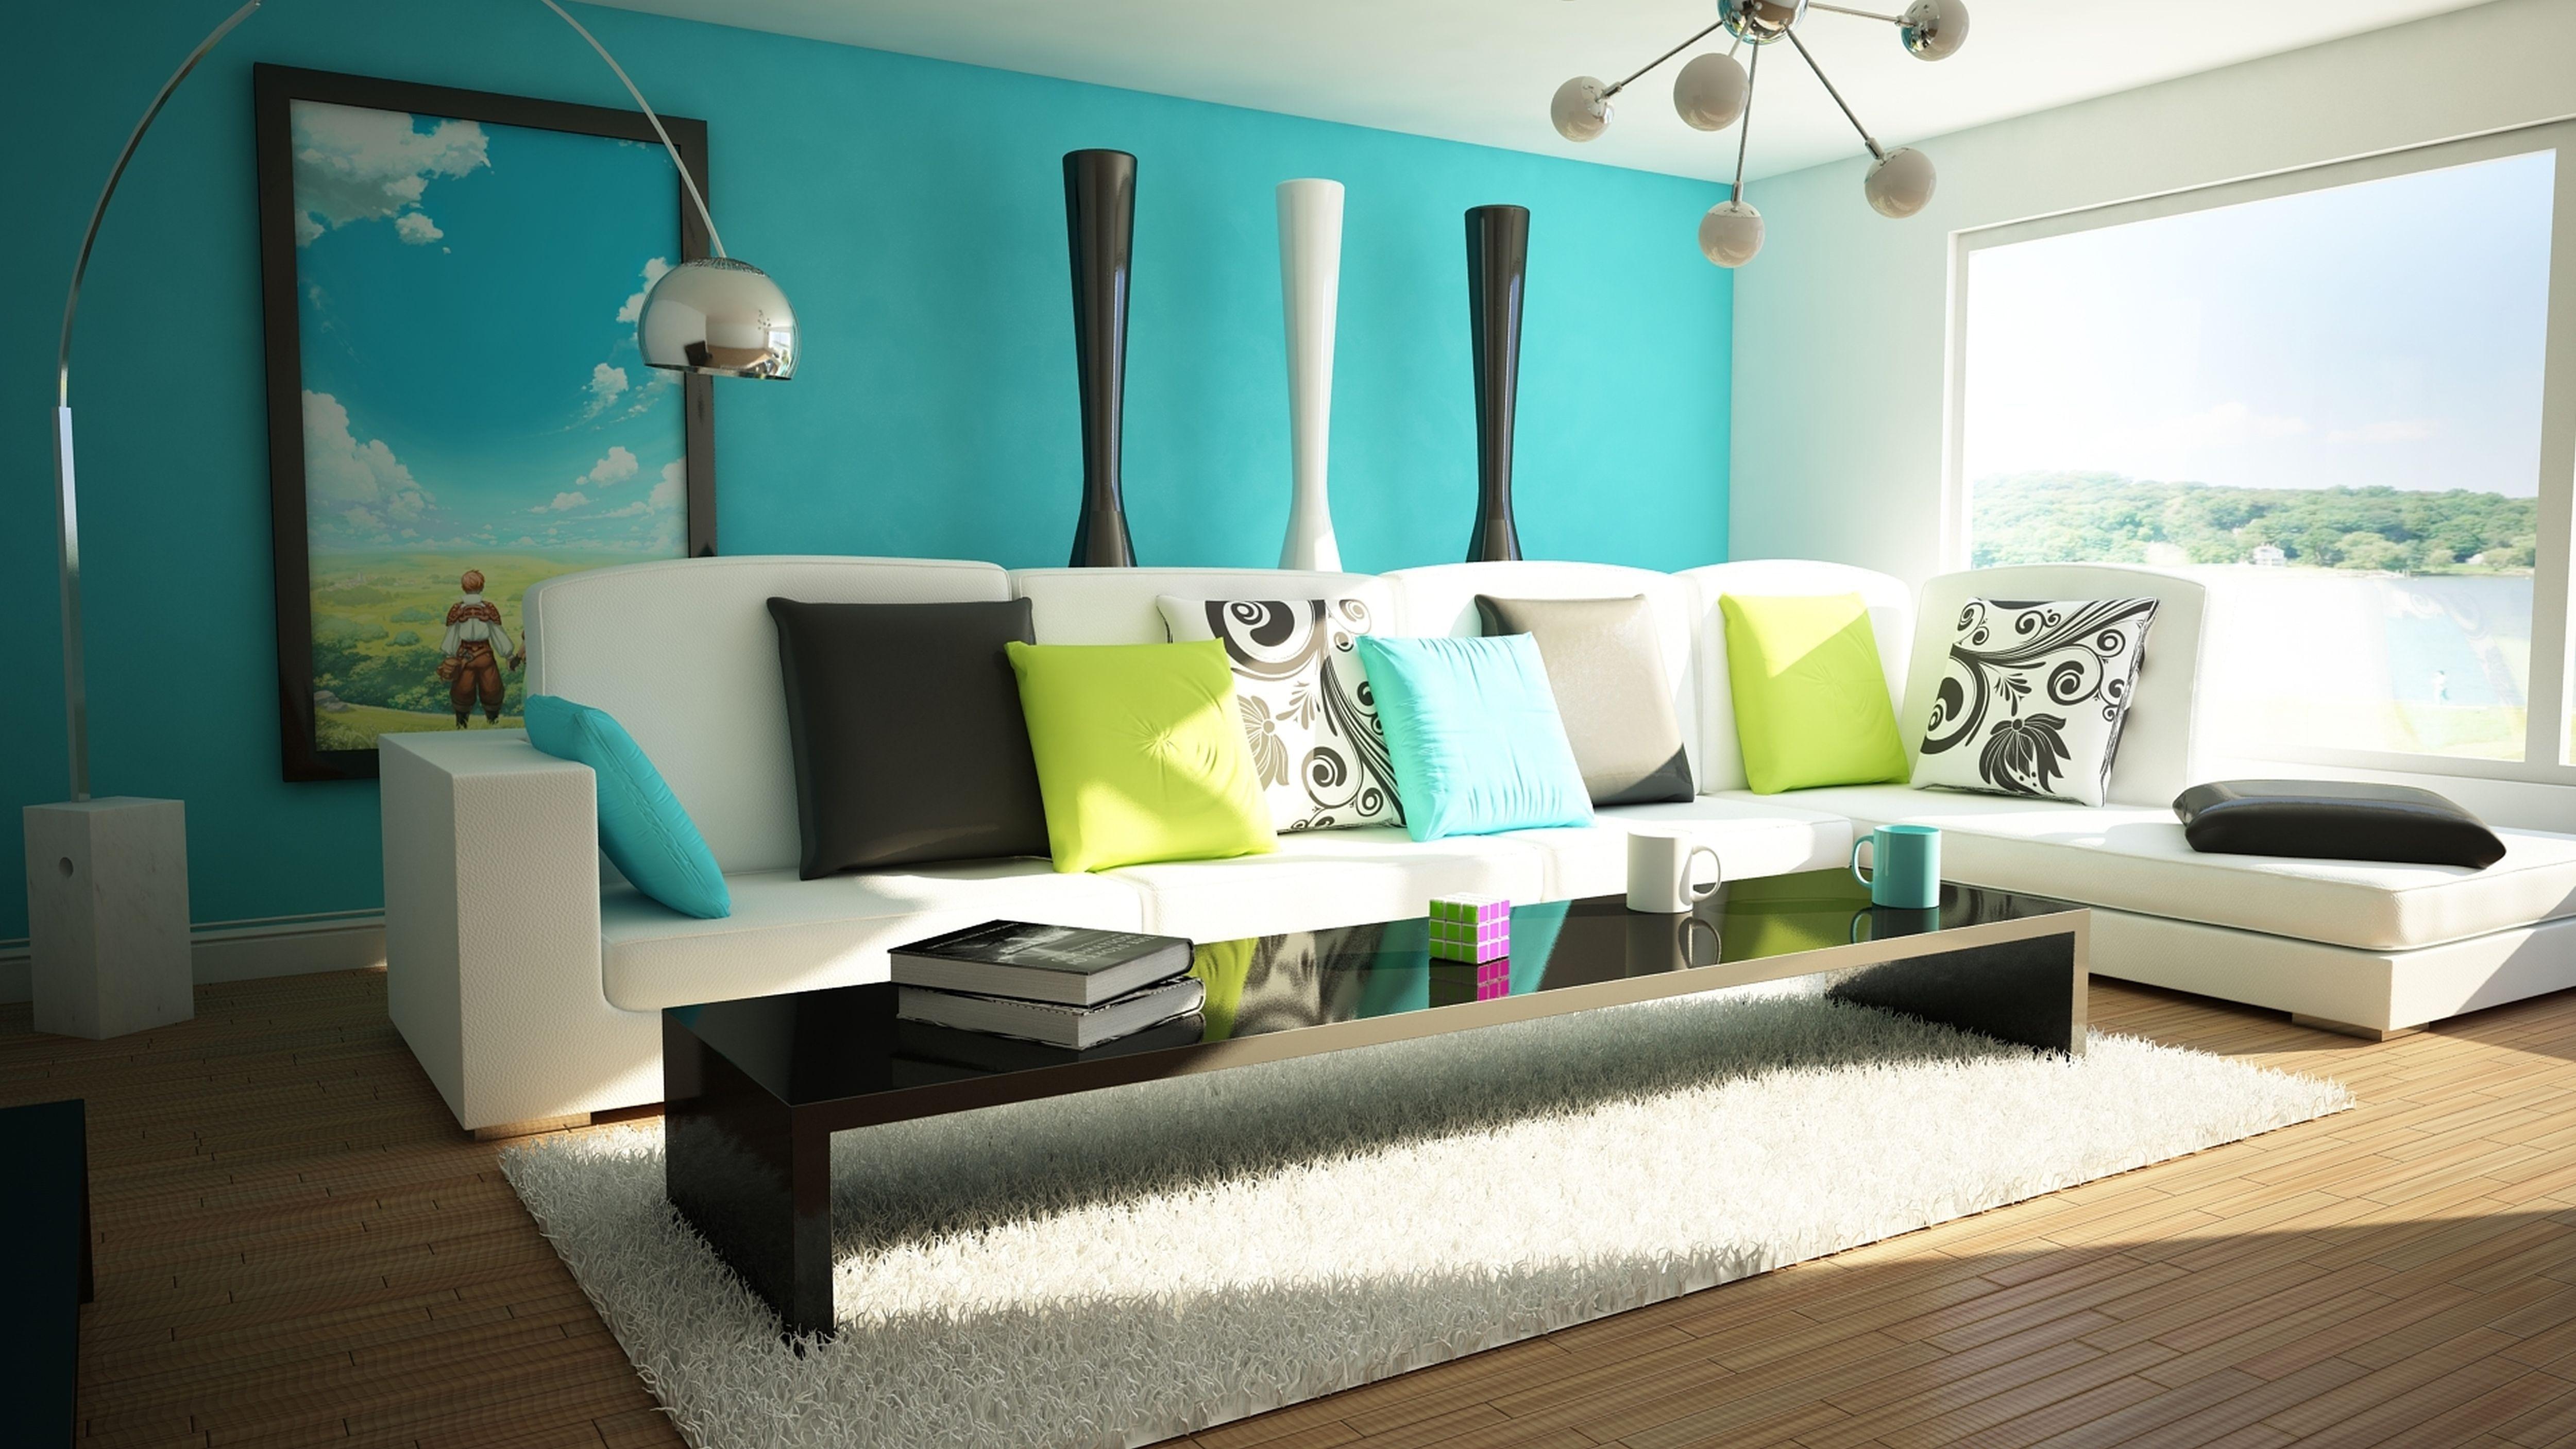 أفكار مبتكره لتصميم غرفة معيشه رائعه